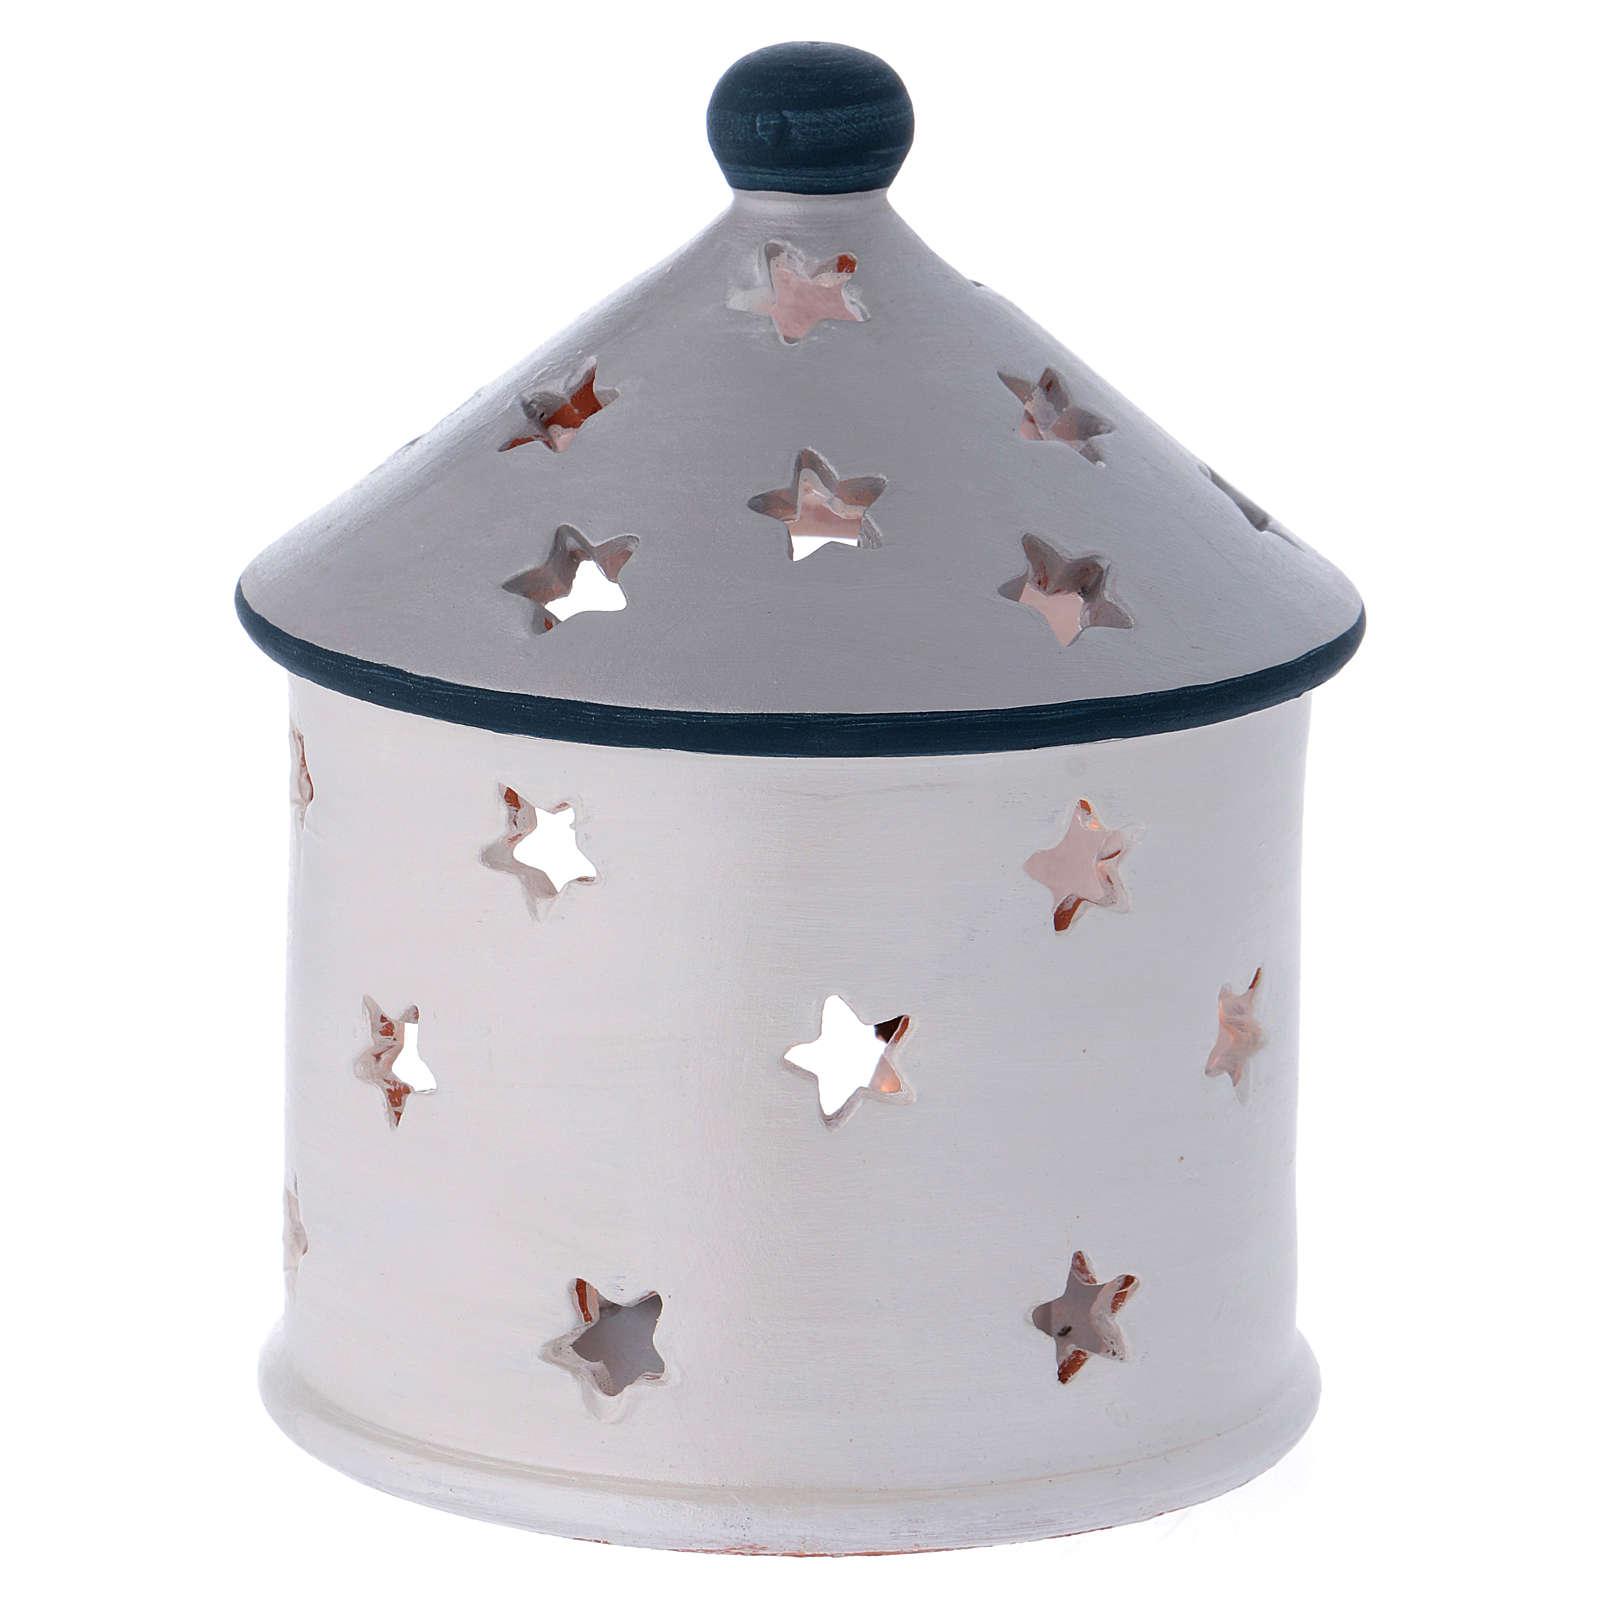 Portalumino capanna color argento con Natività in terracotta Deruta 4